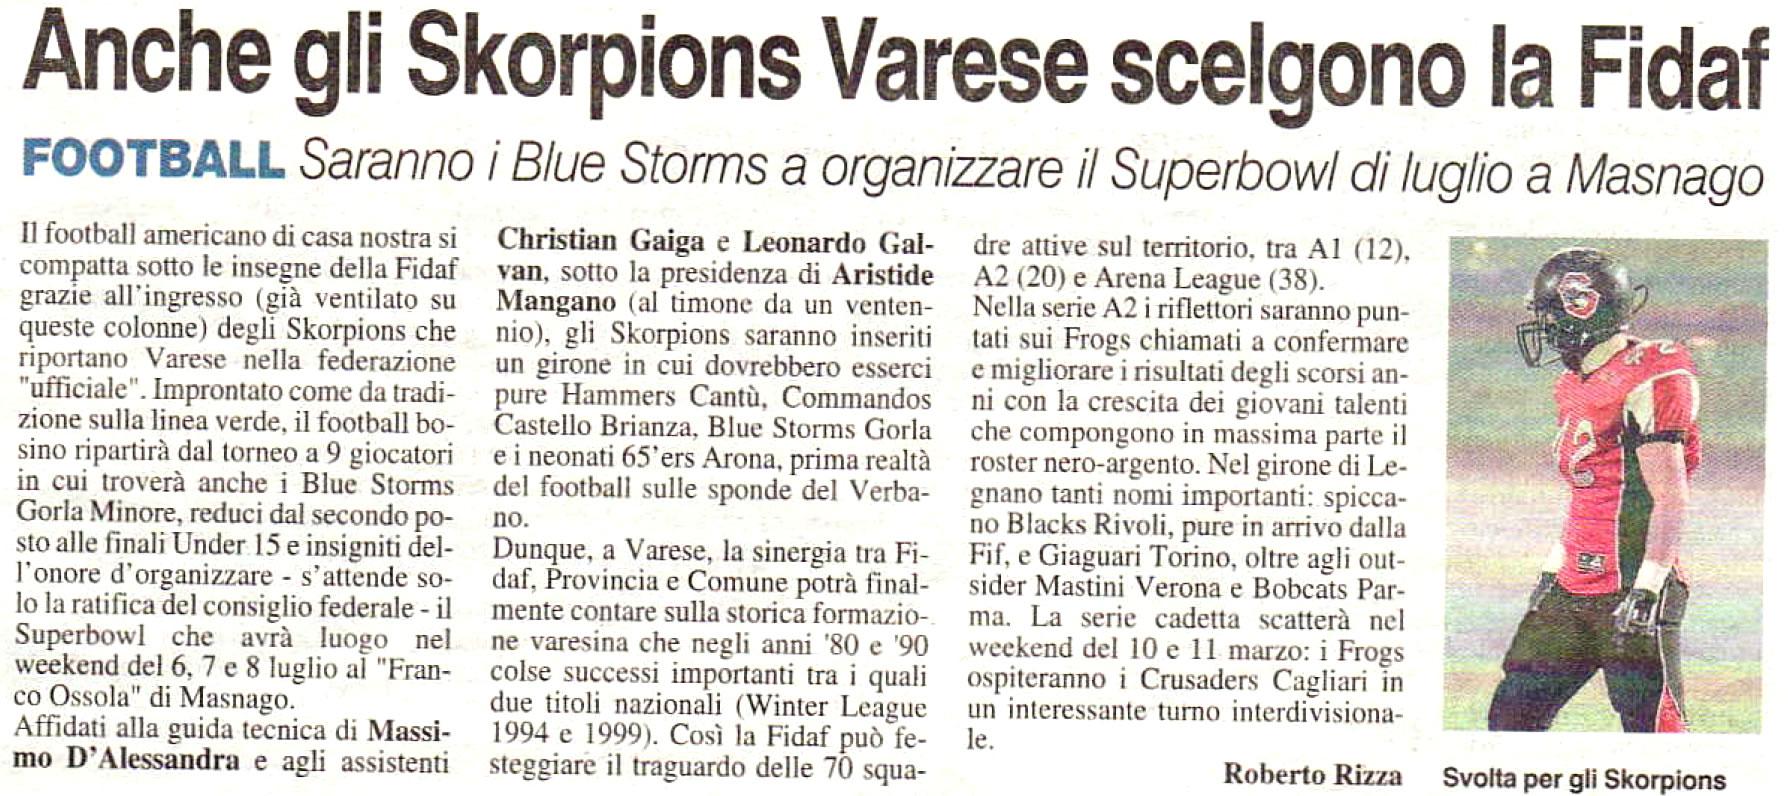 La Prealpina 13 01 2012: Saranno i Blue Storms a organizzare il Superbowl di luglio a Masnago